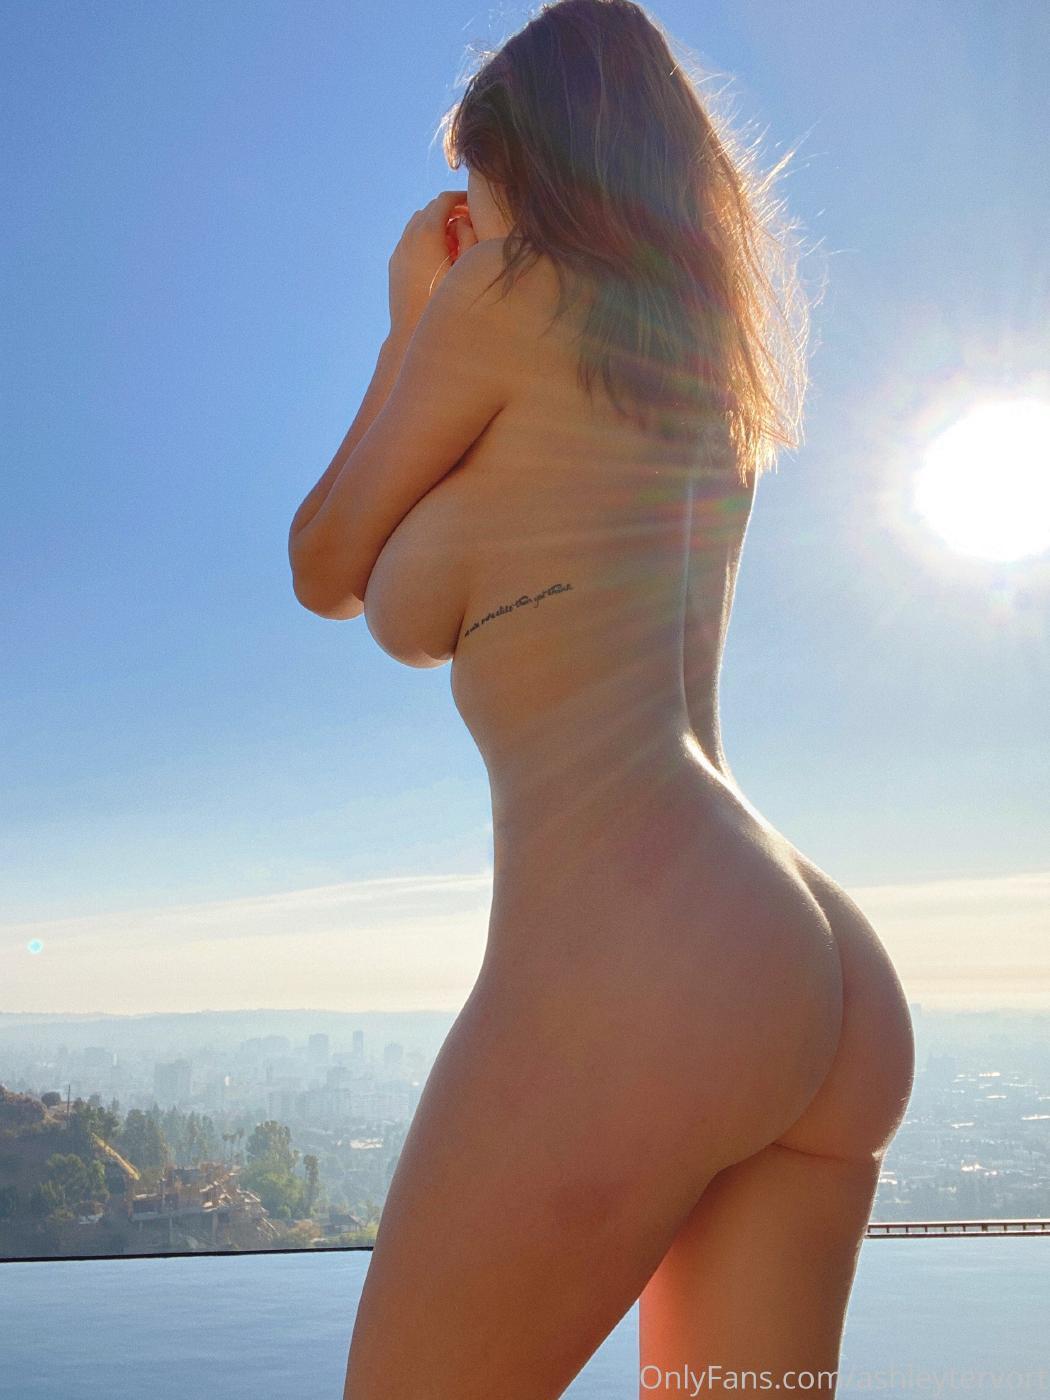 Ashley Tervort High Heels Nip Slip Onlyfans Set Leaked 0008